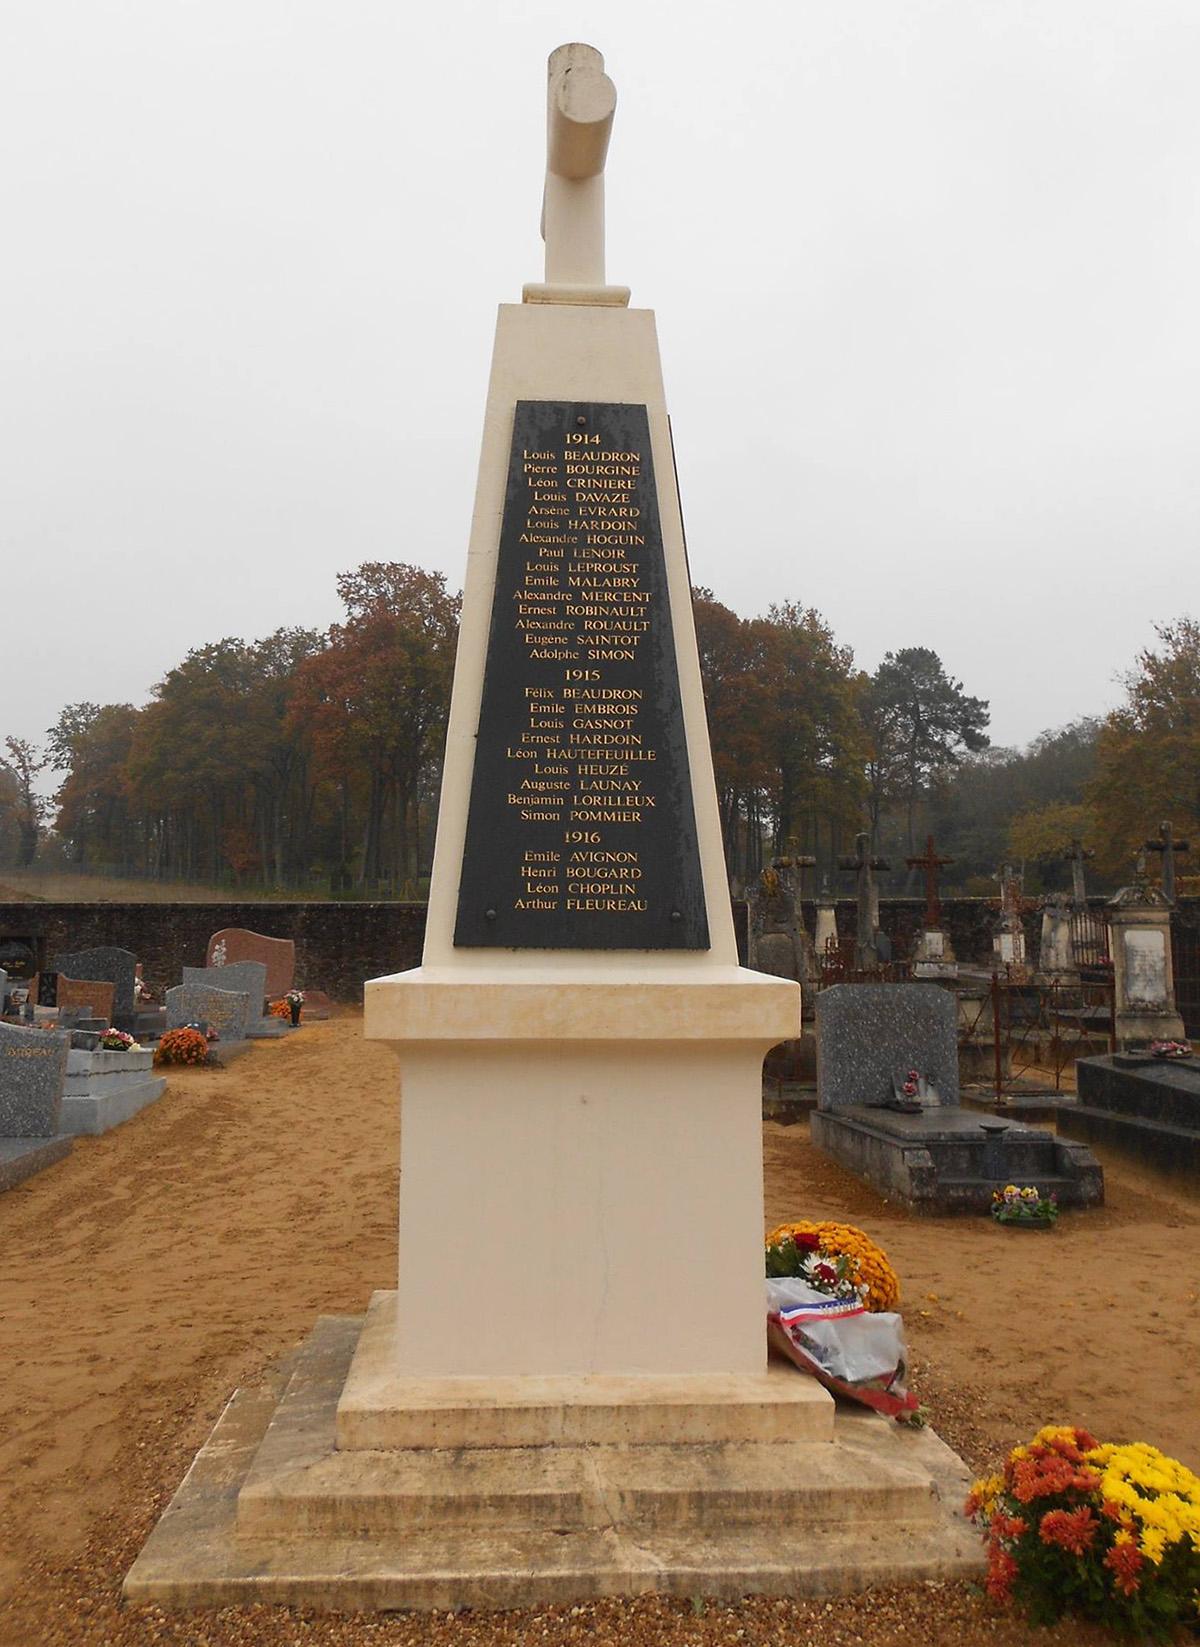 Lombron - Monument commémoratif - Aux enfants de Lombron morts pour la patrie - Années 1914-15-16 - Vue 01 (Romain Christopher Guillaume Lépine)